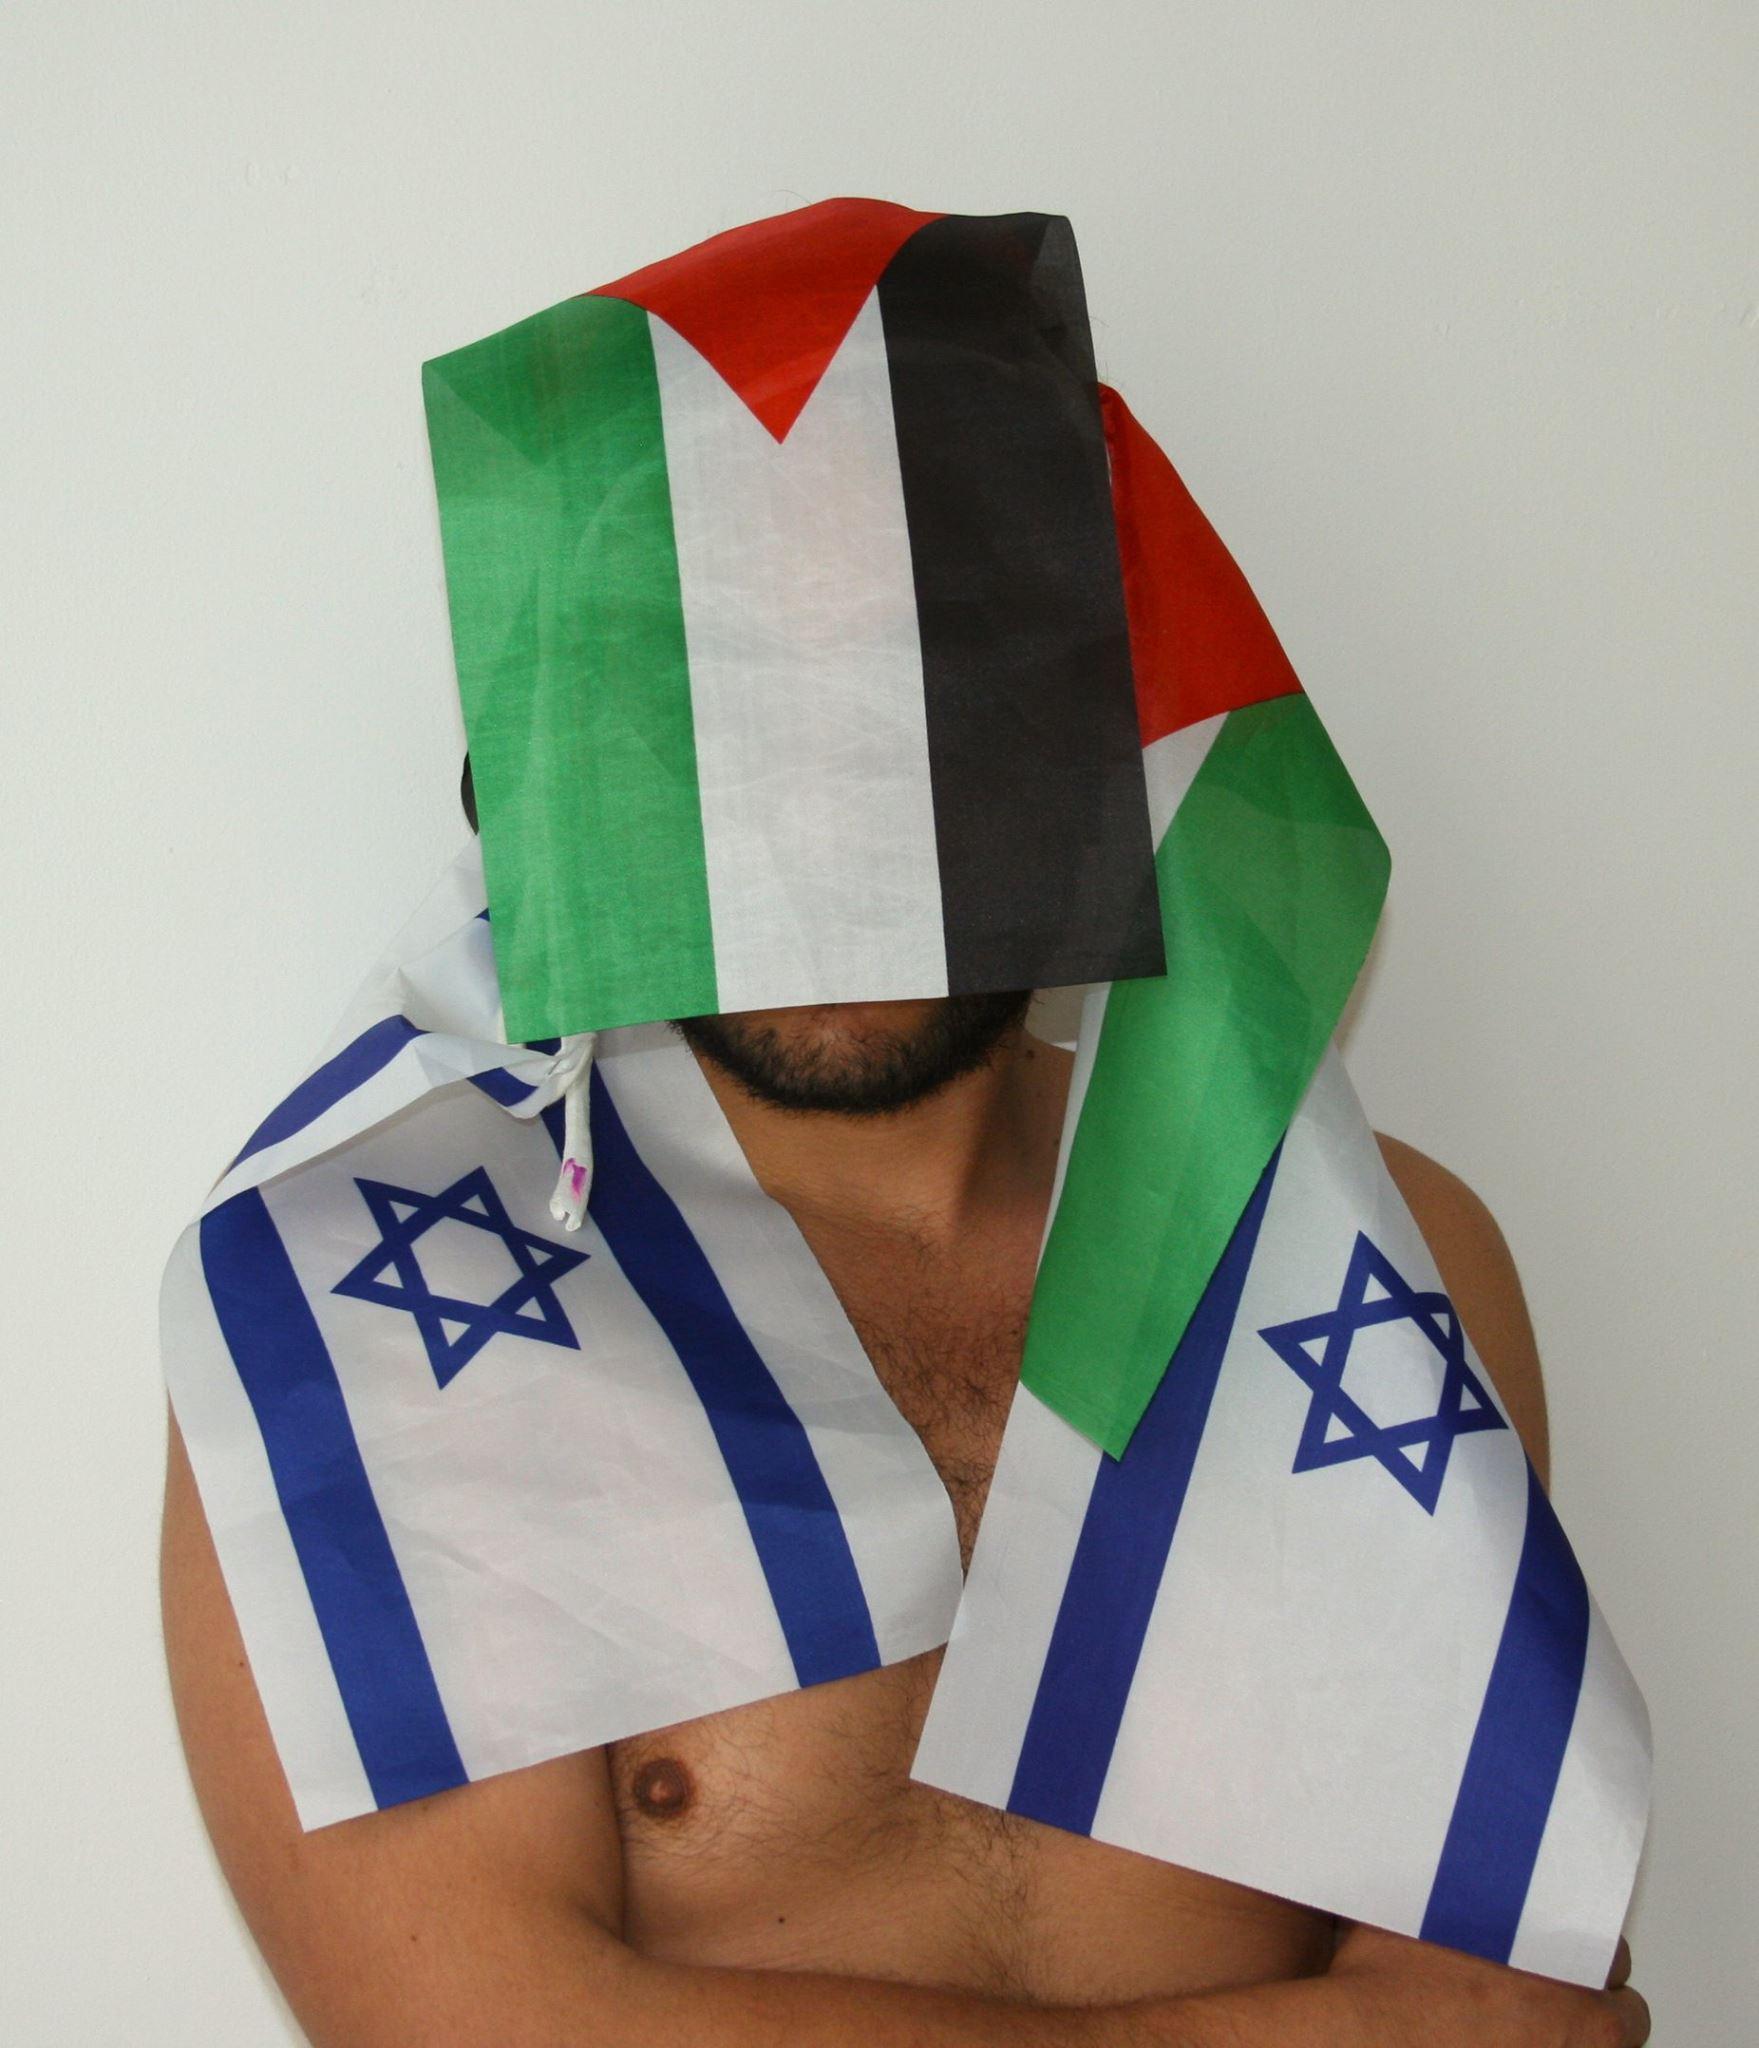 Khader Abu-Seif